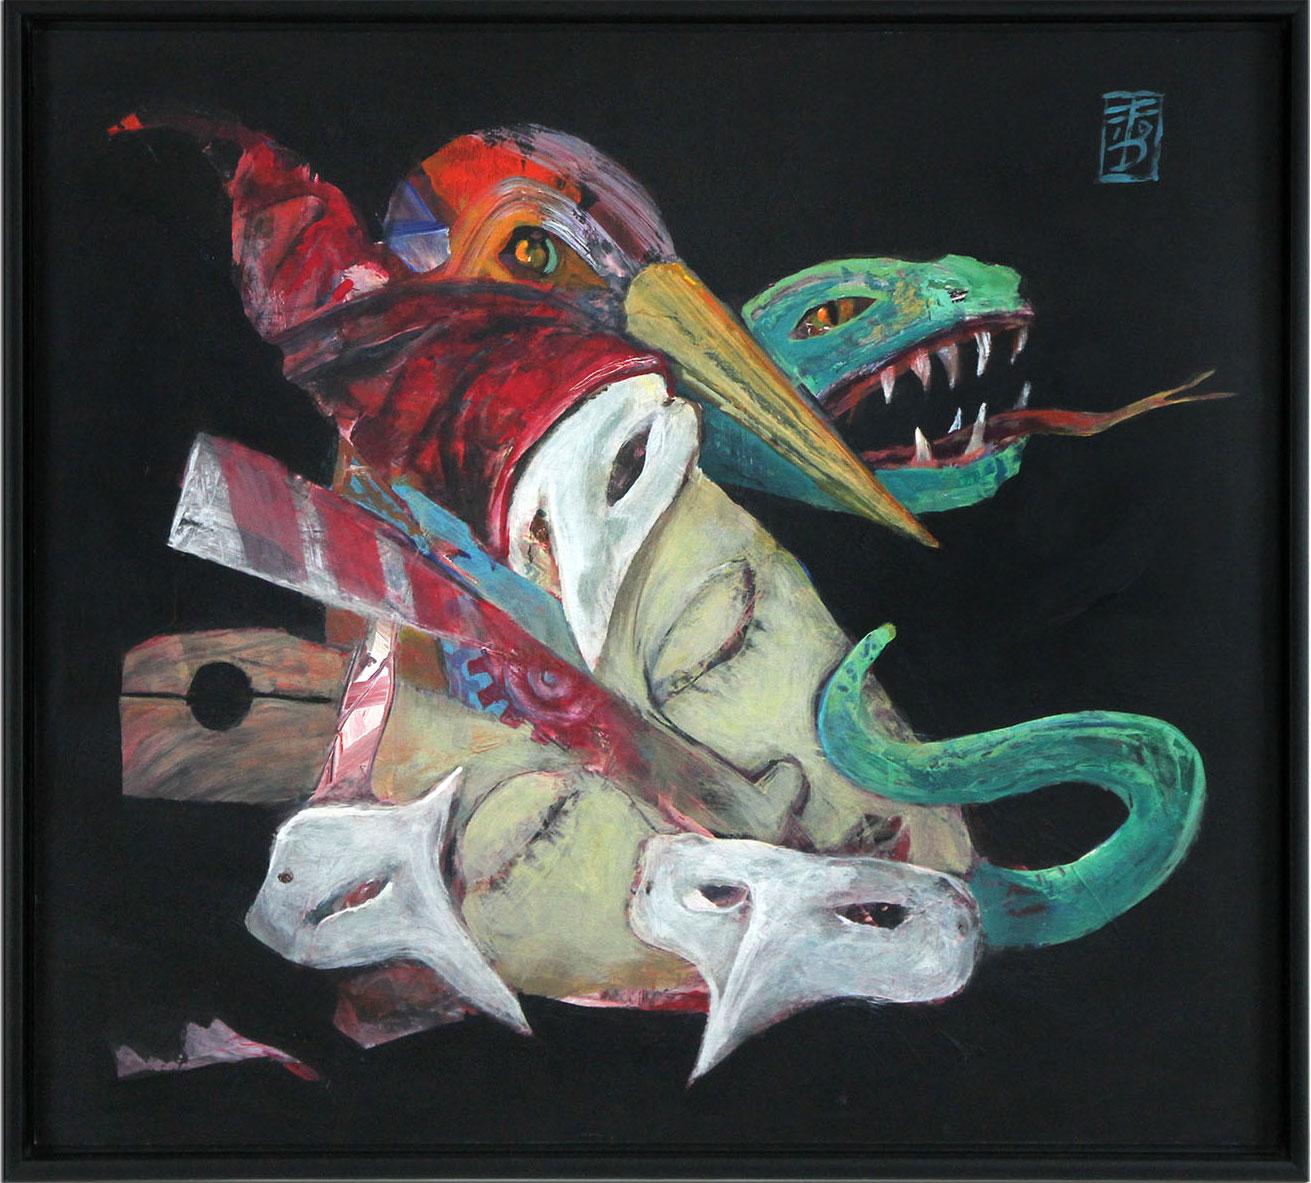 Surrealistische Acrylmalerei Von Dirk Hillea Hier Entdecken Und Kaufen Kunstgalerie Eventart Die Kunstmacher